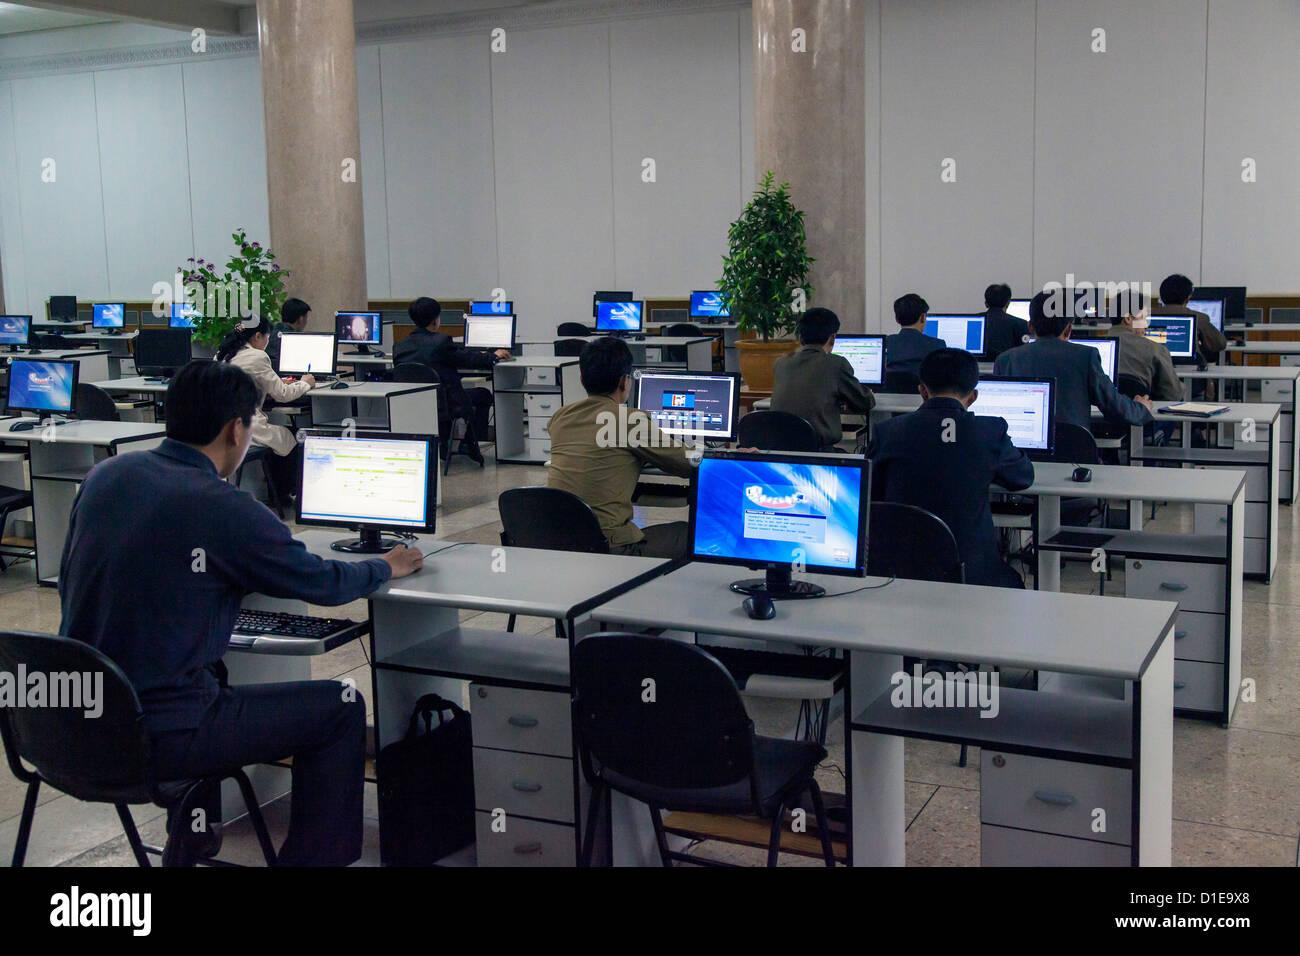 Gran Casa de Estudios Populares, equipo aula Intranet, Pyongyang, República Popular Democrática de Corea Imagen De Stock